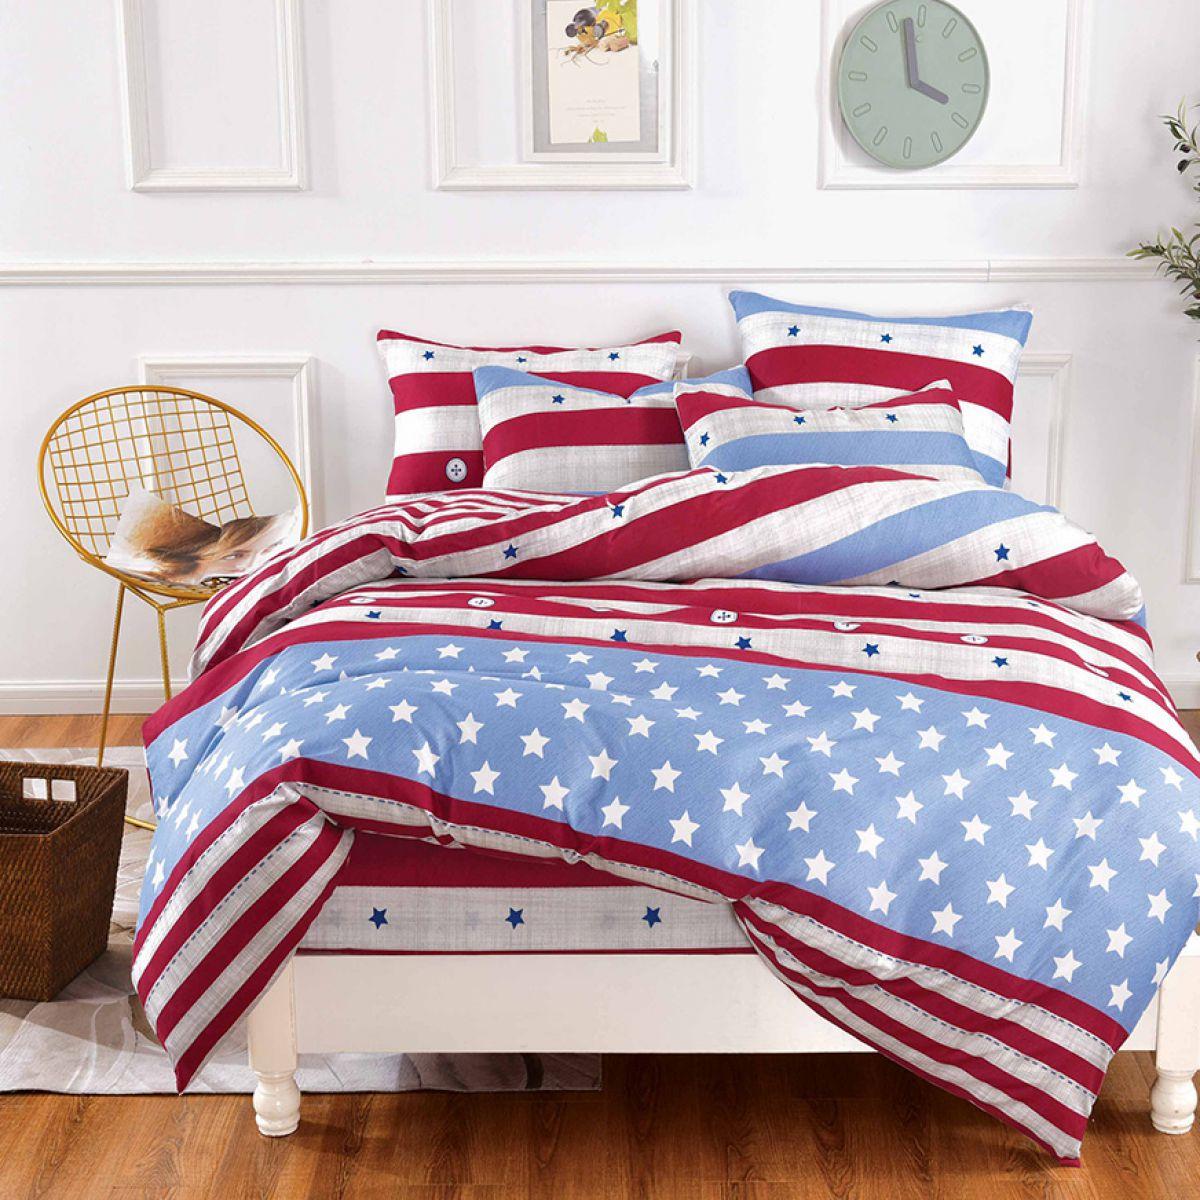 Cheap Beddings - TPR-030G - 160x200 cm - 3 pcs